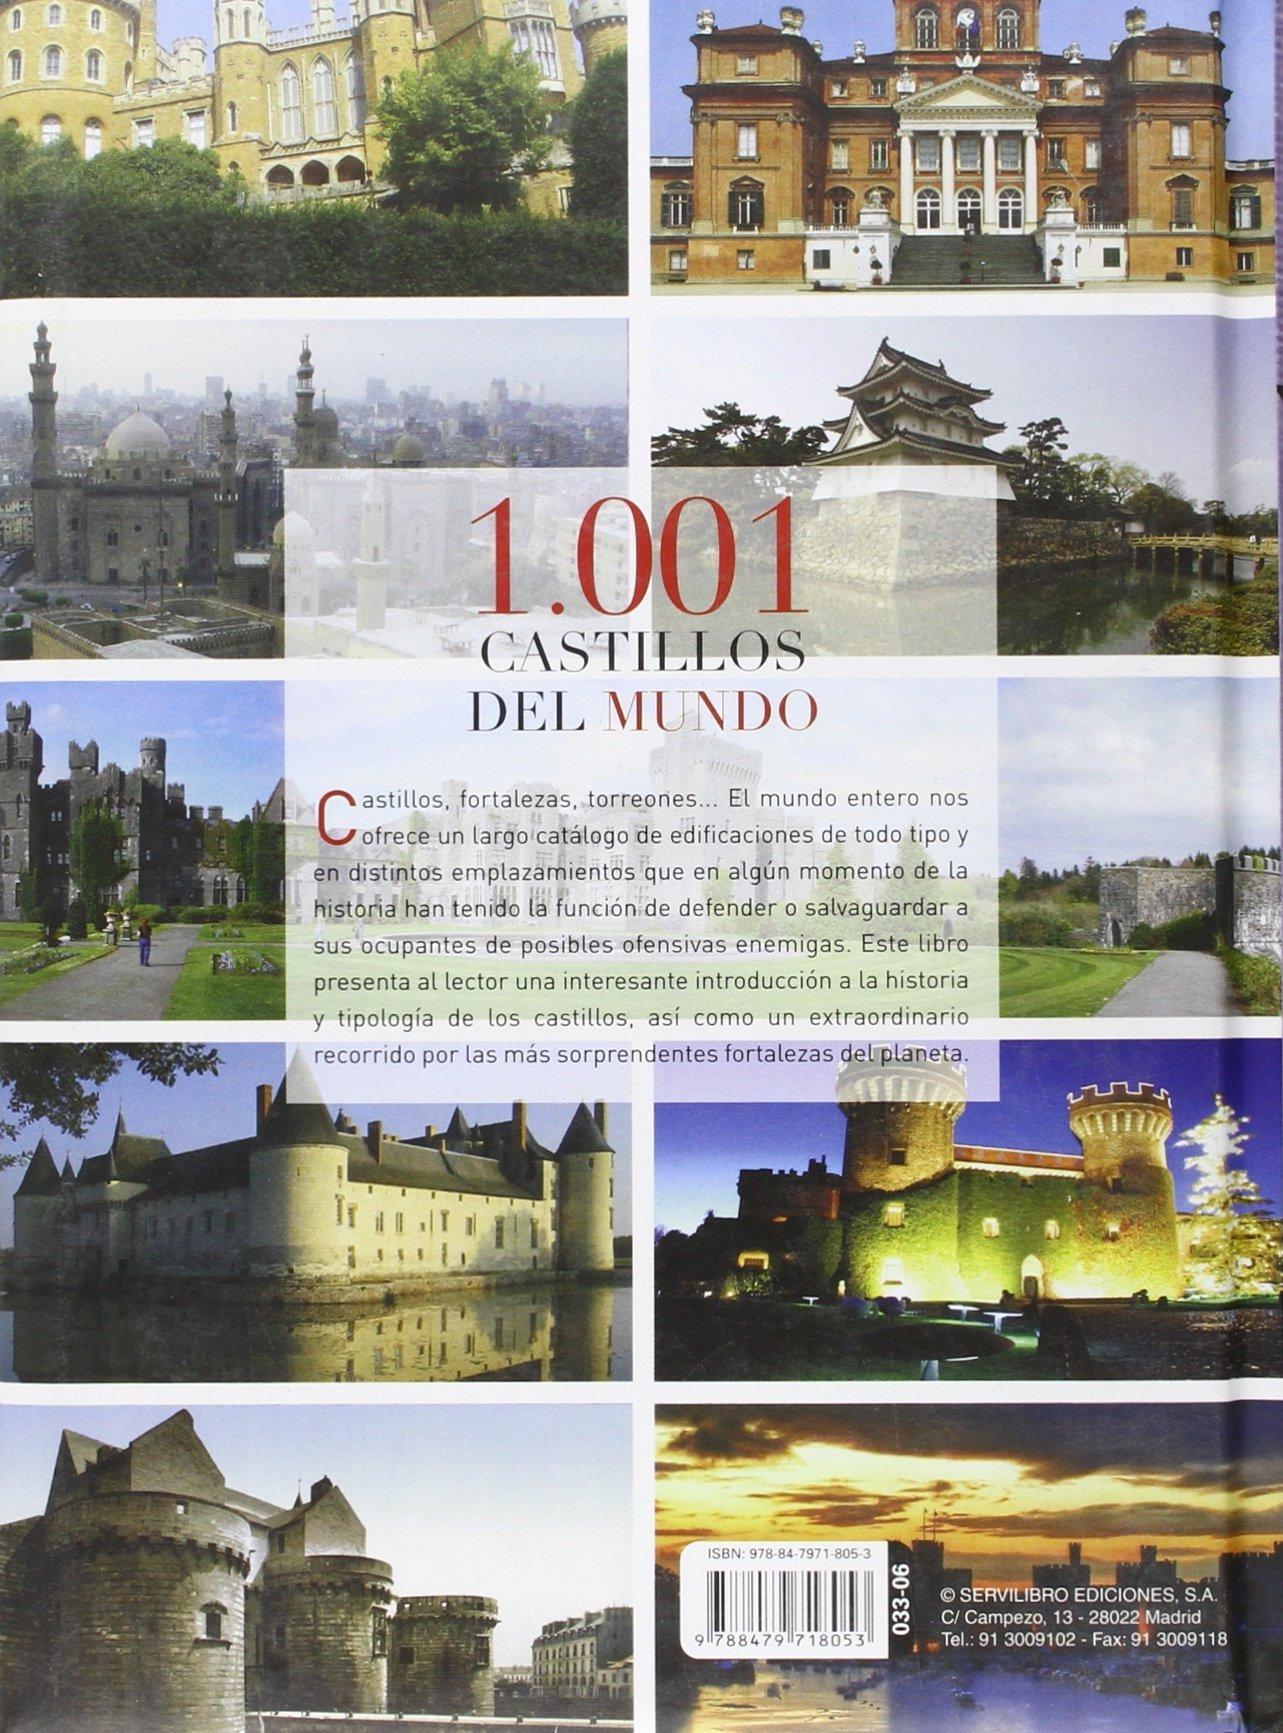 1.001 Castillos del mundo: Amazon.es: Servilibro Ediciones S A: Libros